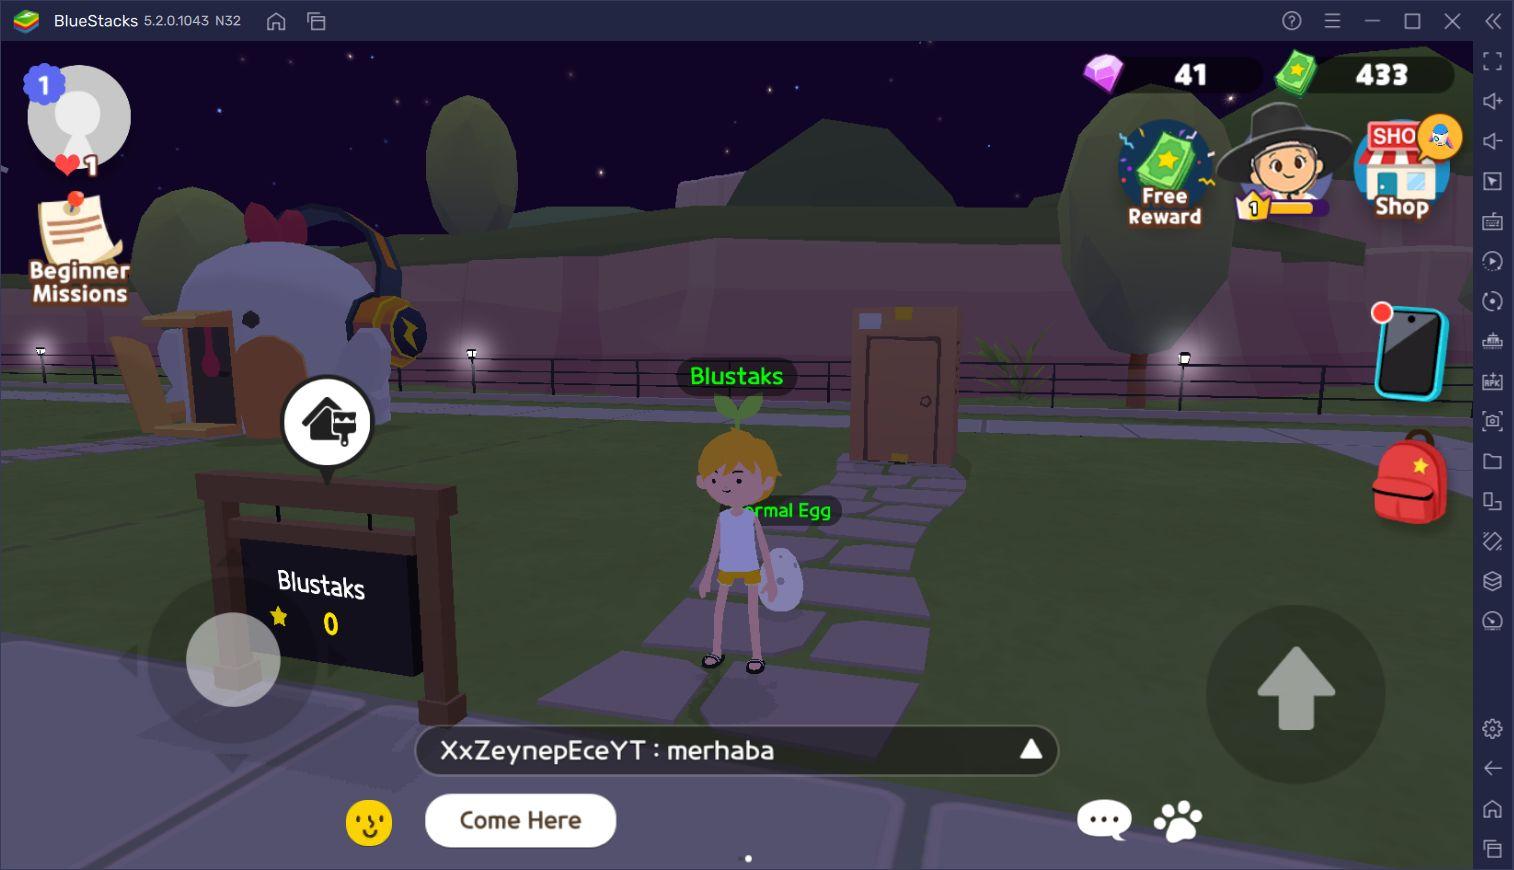 Play Together Oyununda Kendinize Ait Bir Eviniz Olabilir